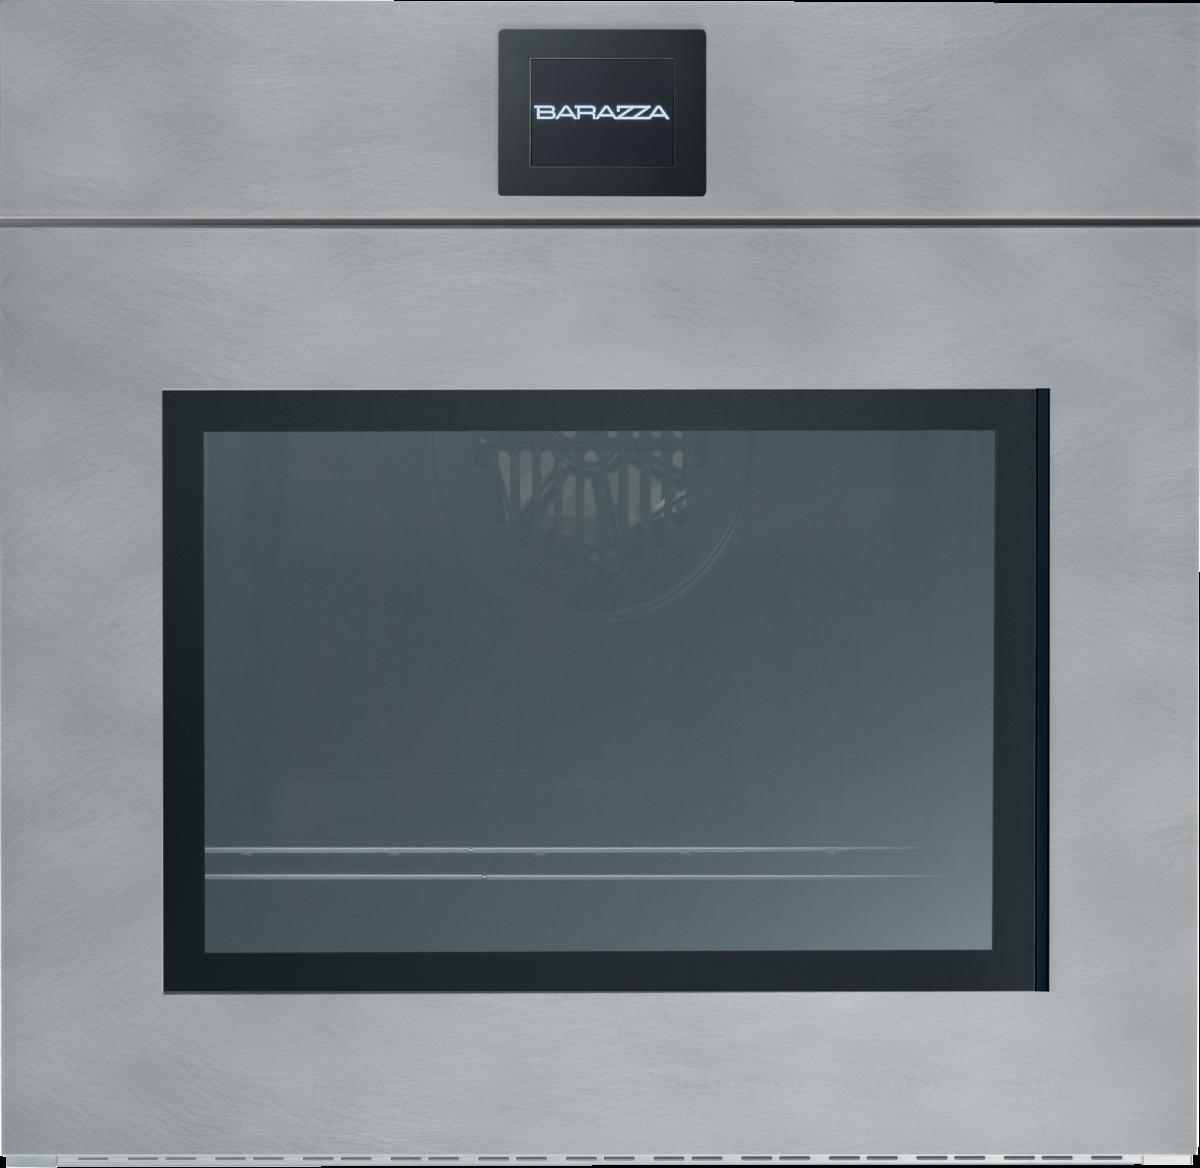 60 Cm Velvet Built In Touch Screen Multiprogram Oven Side